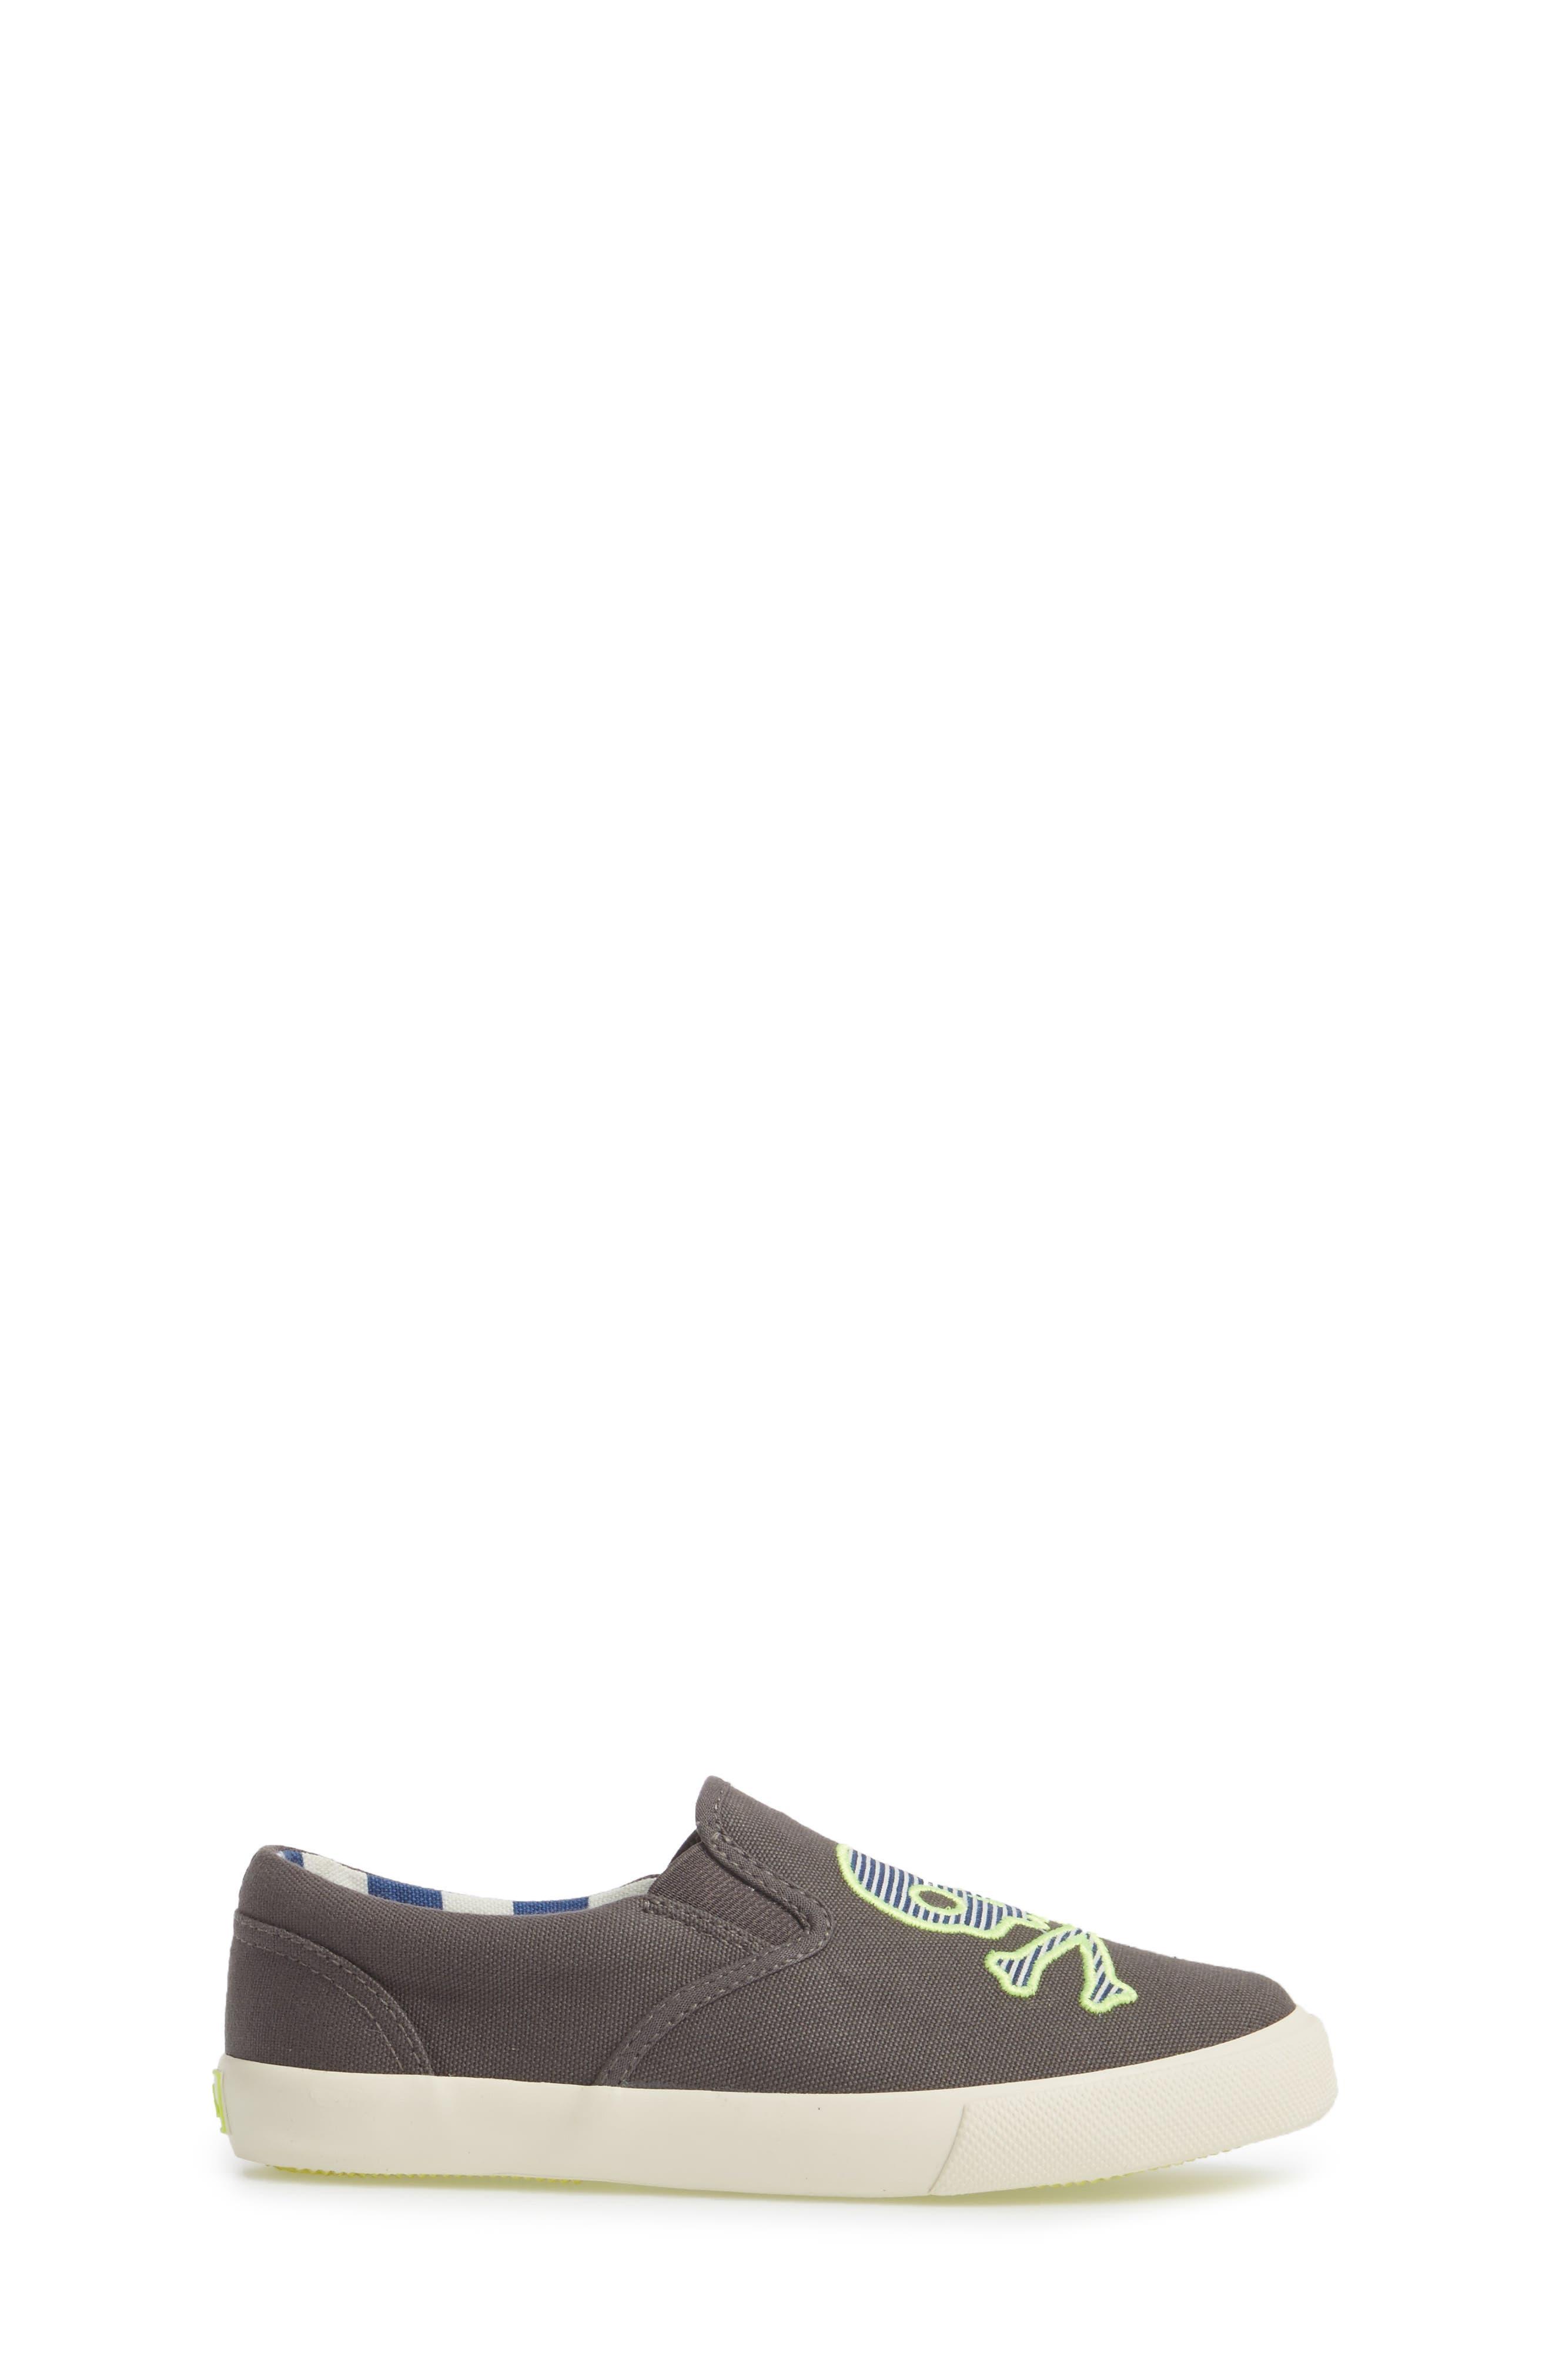 Embroidered Slip-On Sneaker,                             Alternate thumbnail 3, color,                             SHARK GREY